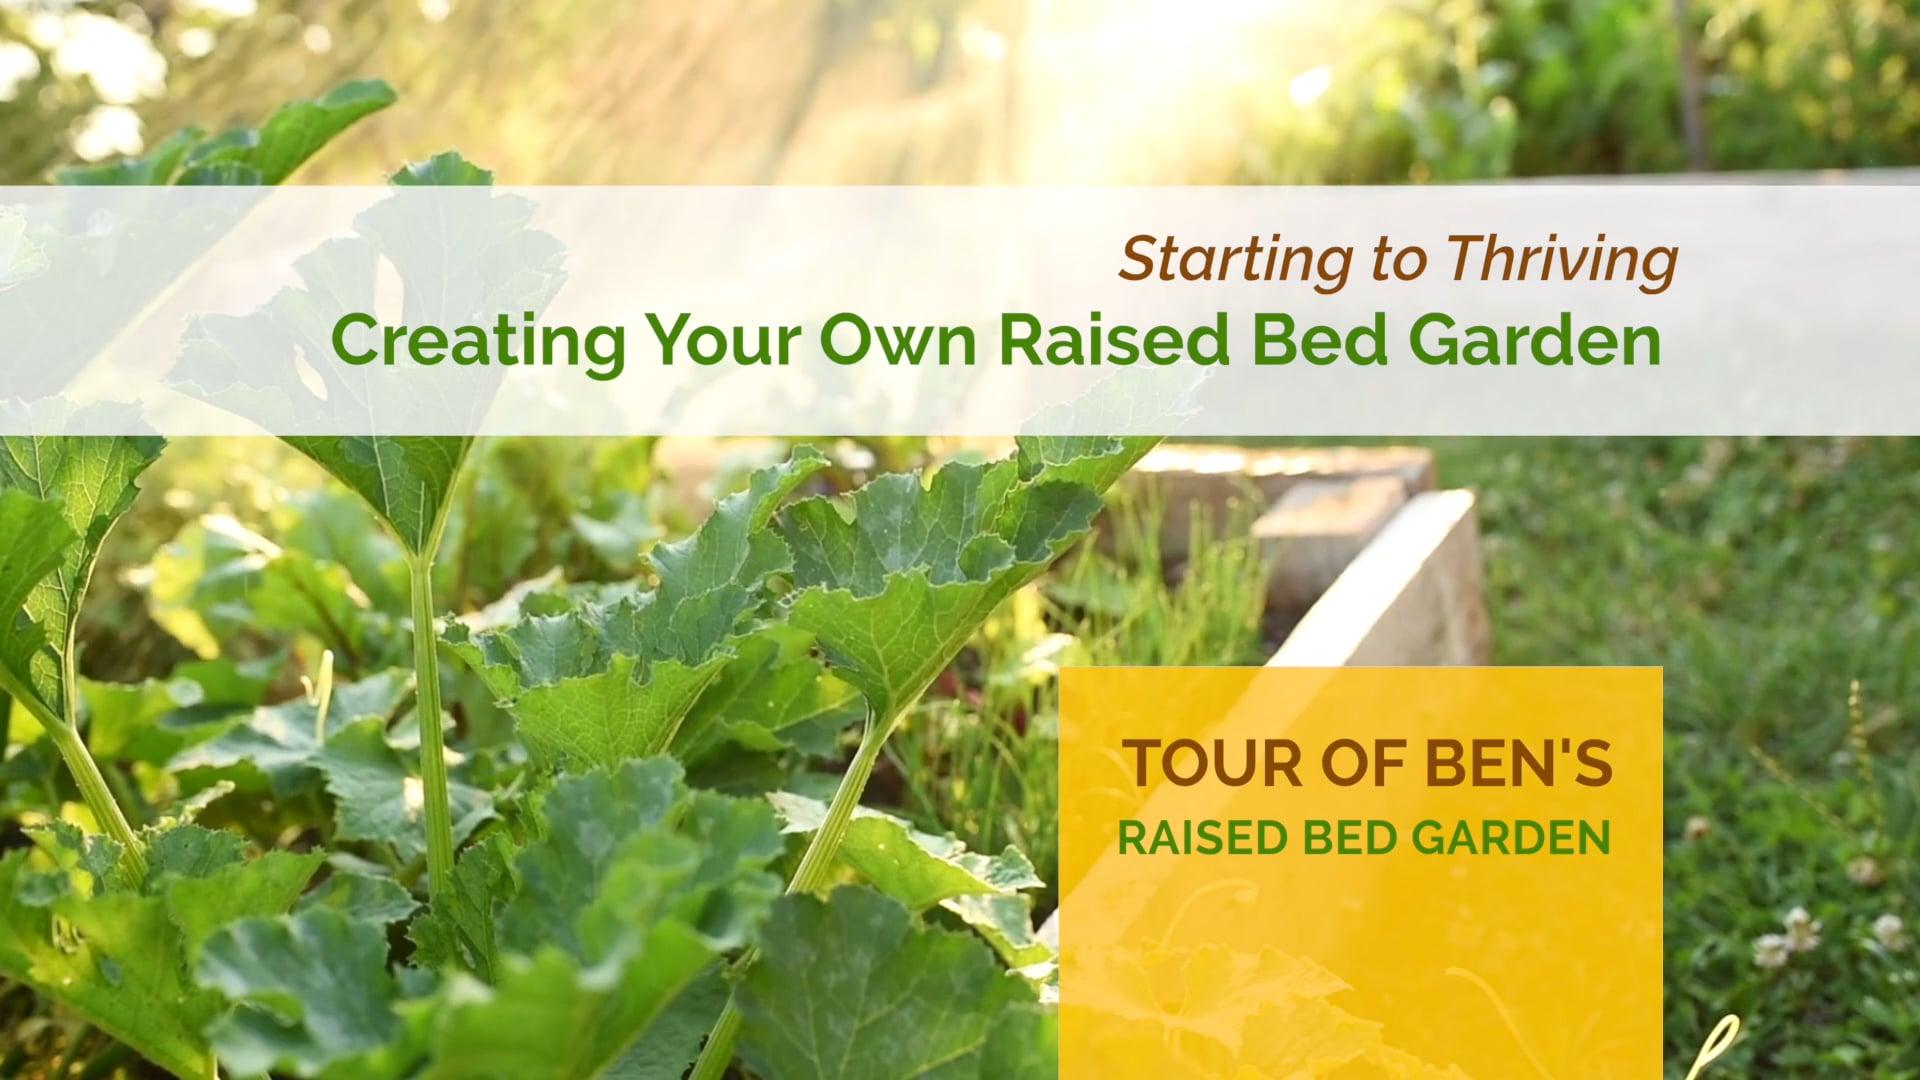 #2 Ben's Tour of his Raised Bed Garden